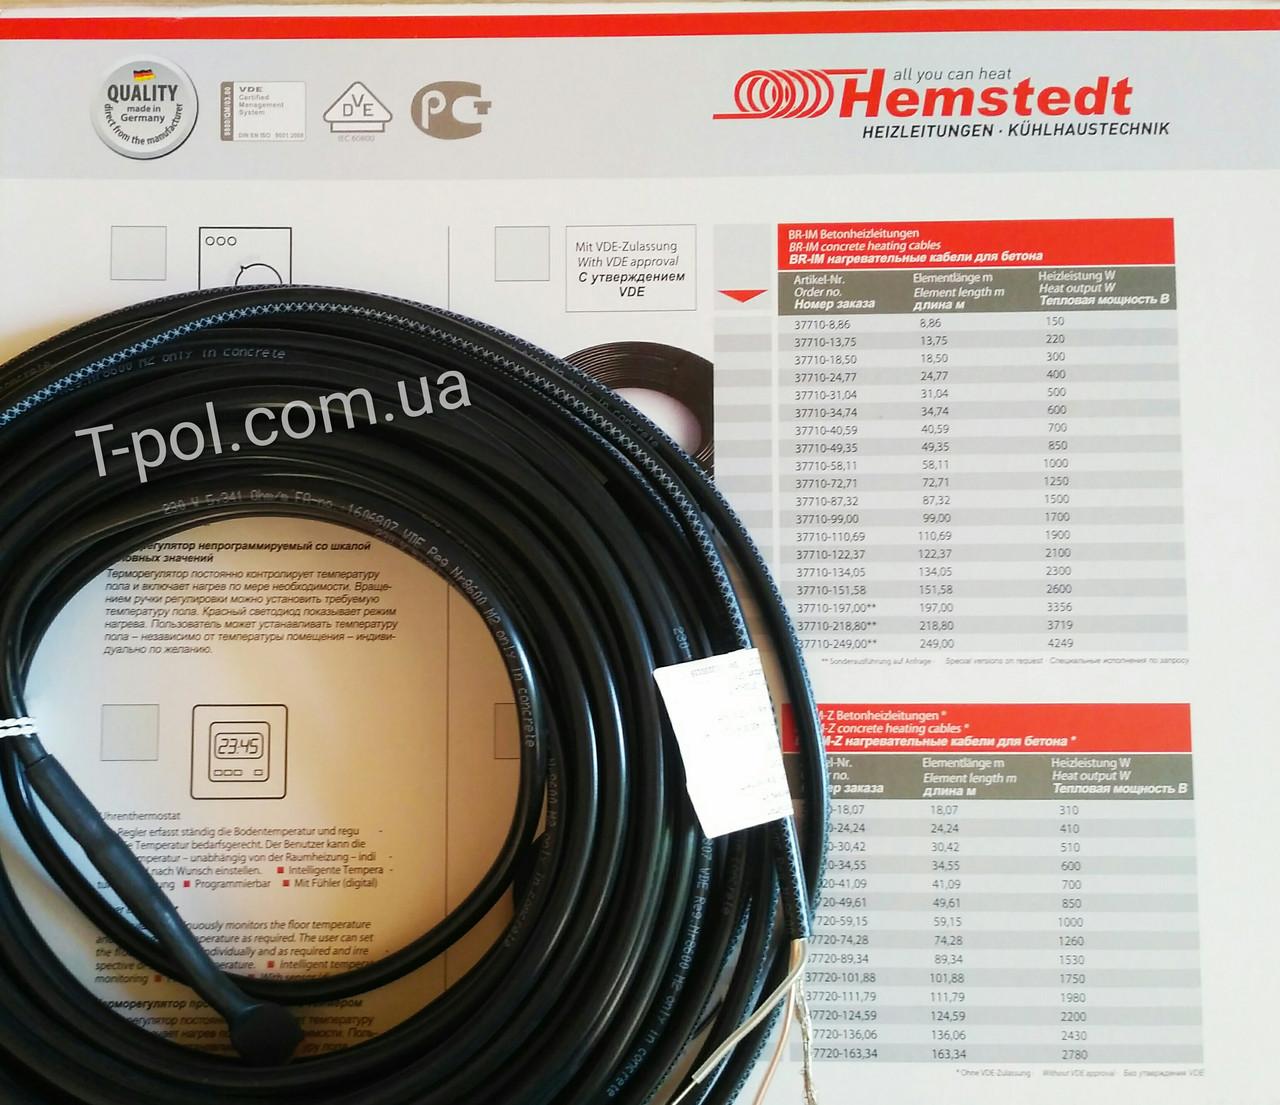 Двужильный экранированный кабель на 3 м2 теплого пола br-im 500 вт 31 м Hemstedt Германия